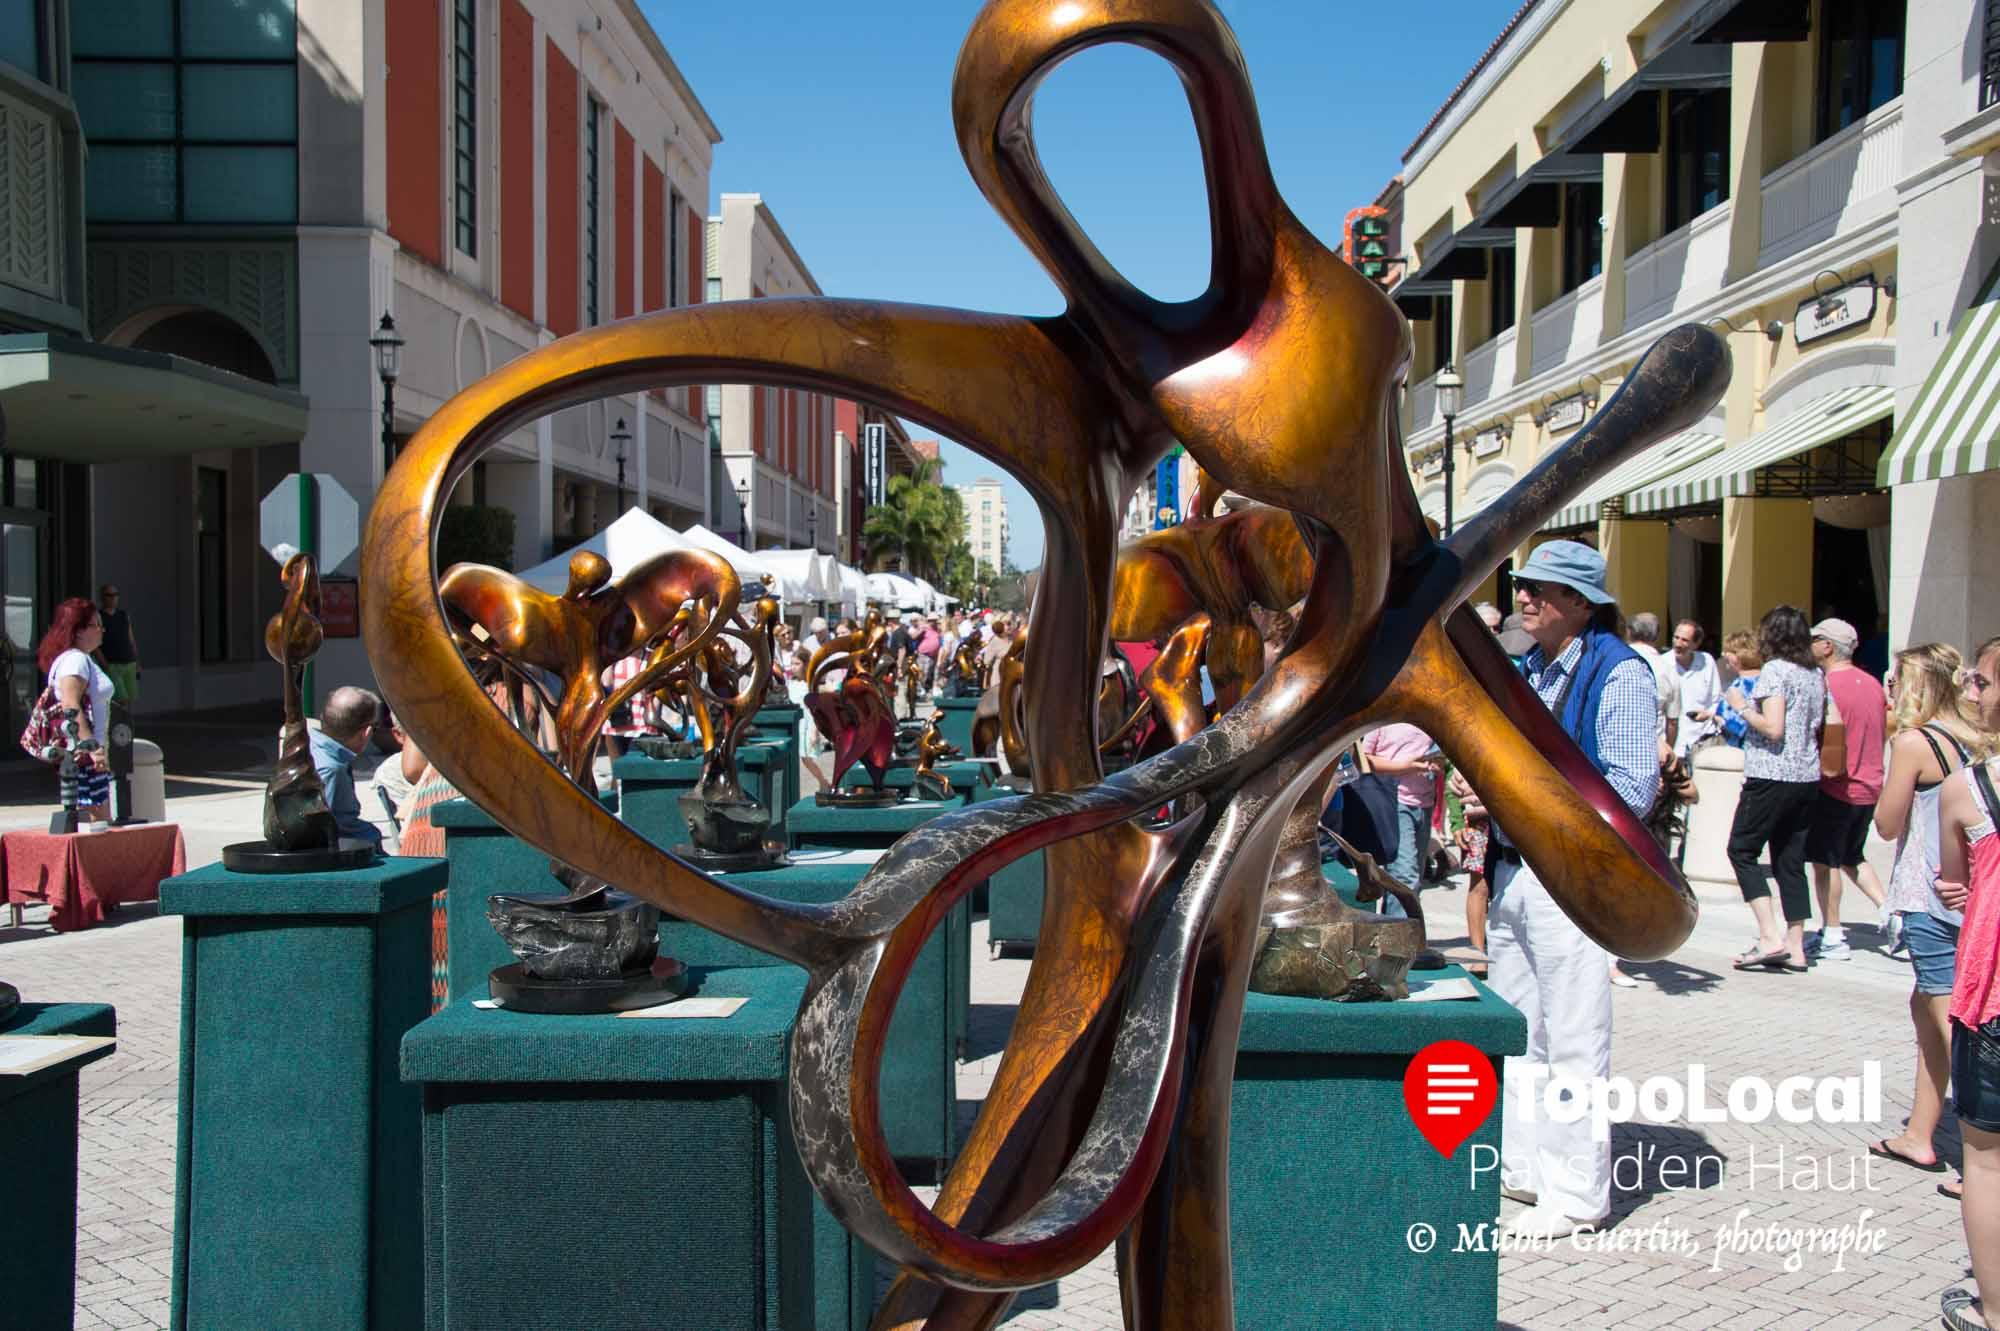 L'art était à l'honneur dans les rues de West Palm Beach devenues pietonnières pour l'occasion. Il y en avait pour tous les gpûts et budjets.